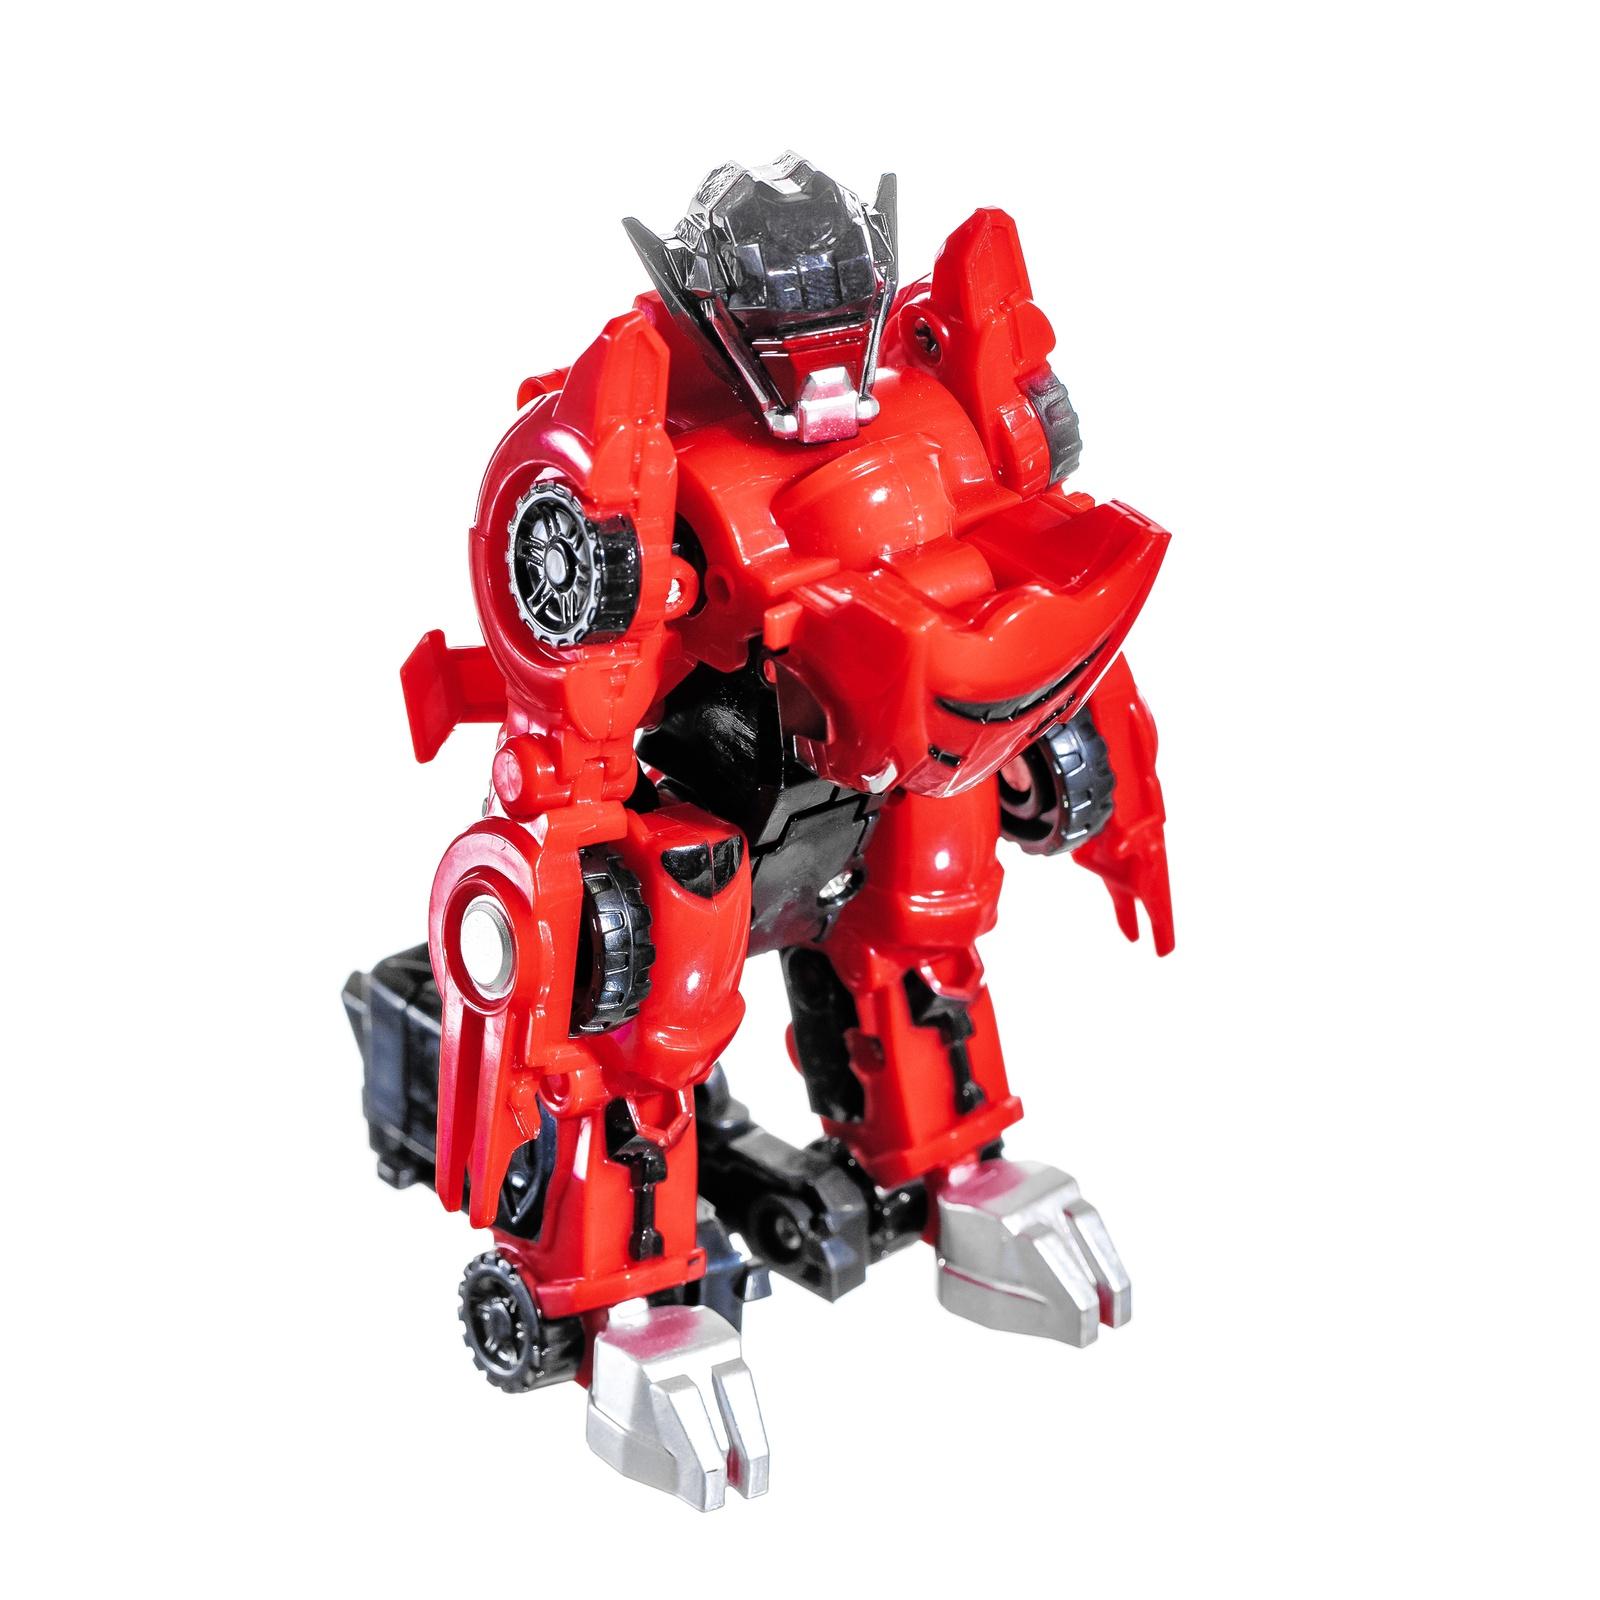 Трансформер JAKI Солнечный ветер. Серия Герои атлантики красныйJAKI6121-2Миниатюрные роботы в коллекции машин-трансформеров ТМ JAKI. Механическая трансформация робота в 2 машинкиРазмер каждой машинки: 7 х 4,6 х 4 смРазмер робота: 10 х 7 х 6 смРазмер меча: 10,8 х 4,2 х 3смВ наборе: робот, трансформирующийся в две машинкимеч, использующийся в качестве пускового устройства.Для сборки робота из машинок необходимо: Оттянуть пусковое устройство на мече назад до упора. Установить на меч сверху одну из машинок. Поставить меч сзади другой и нажать на кнопку на мече